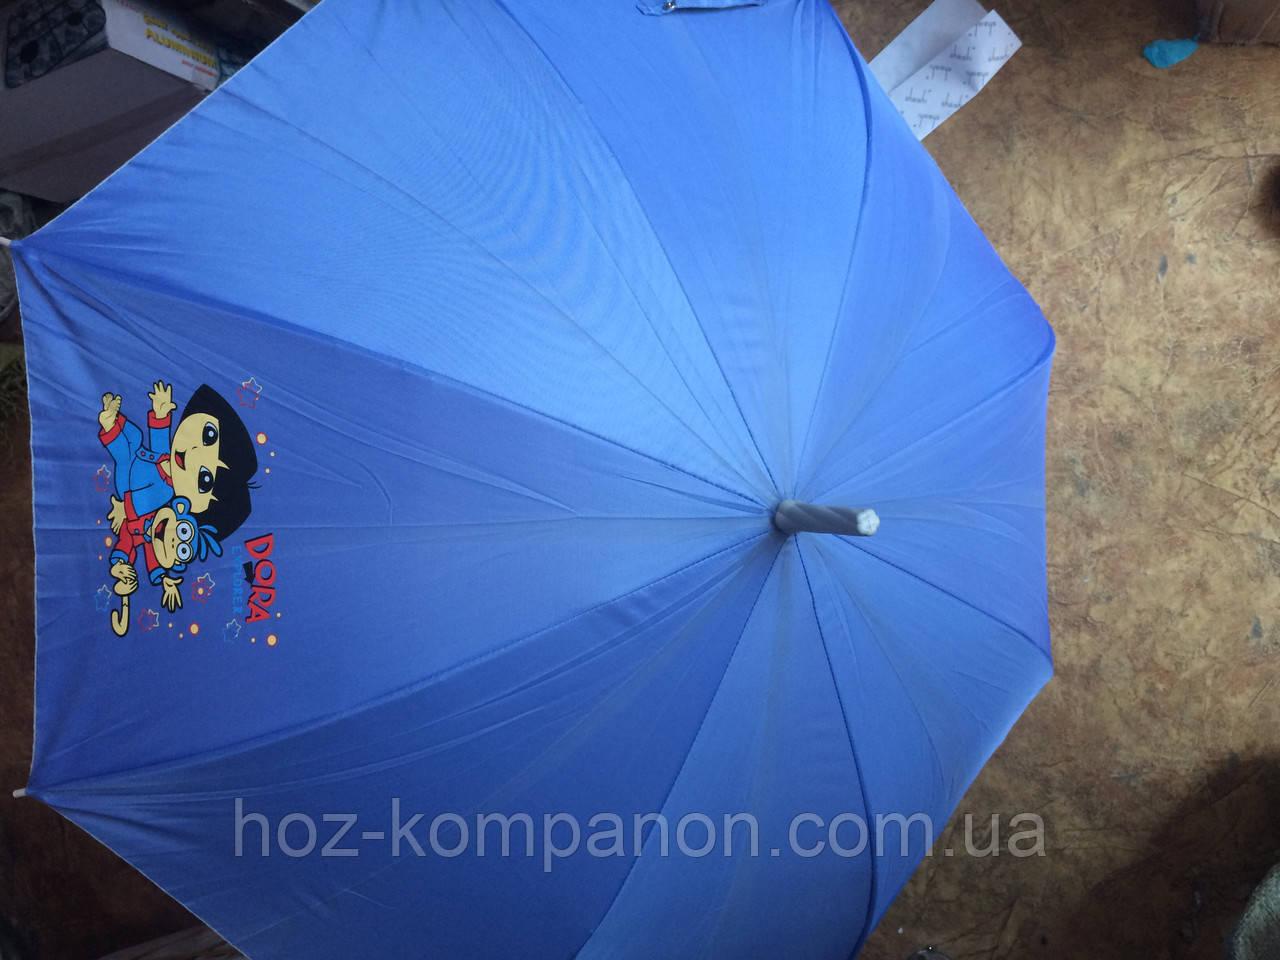 Зонтик трость